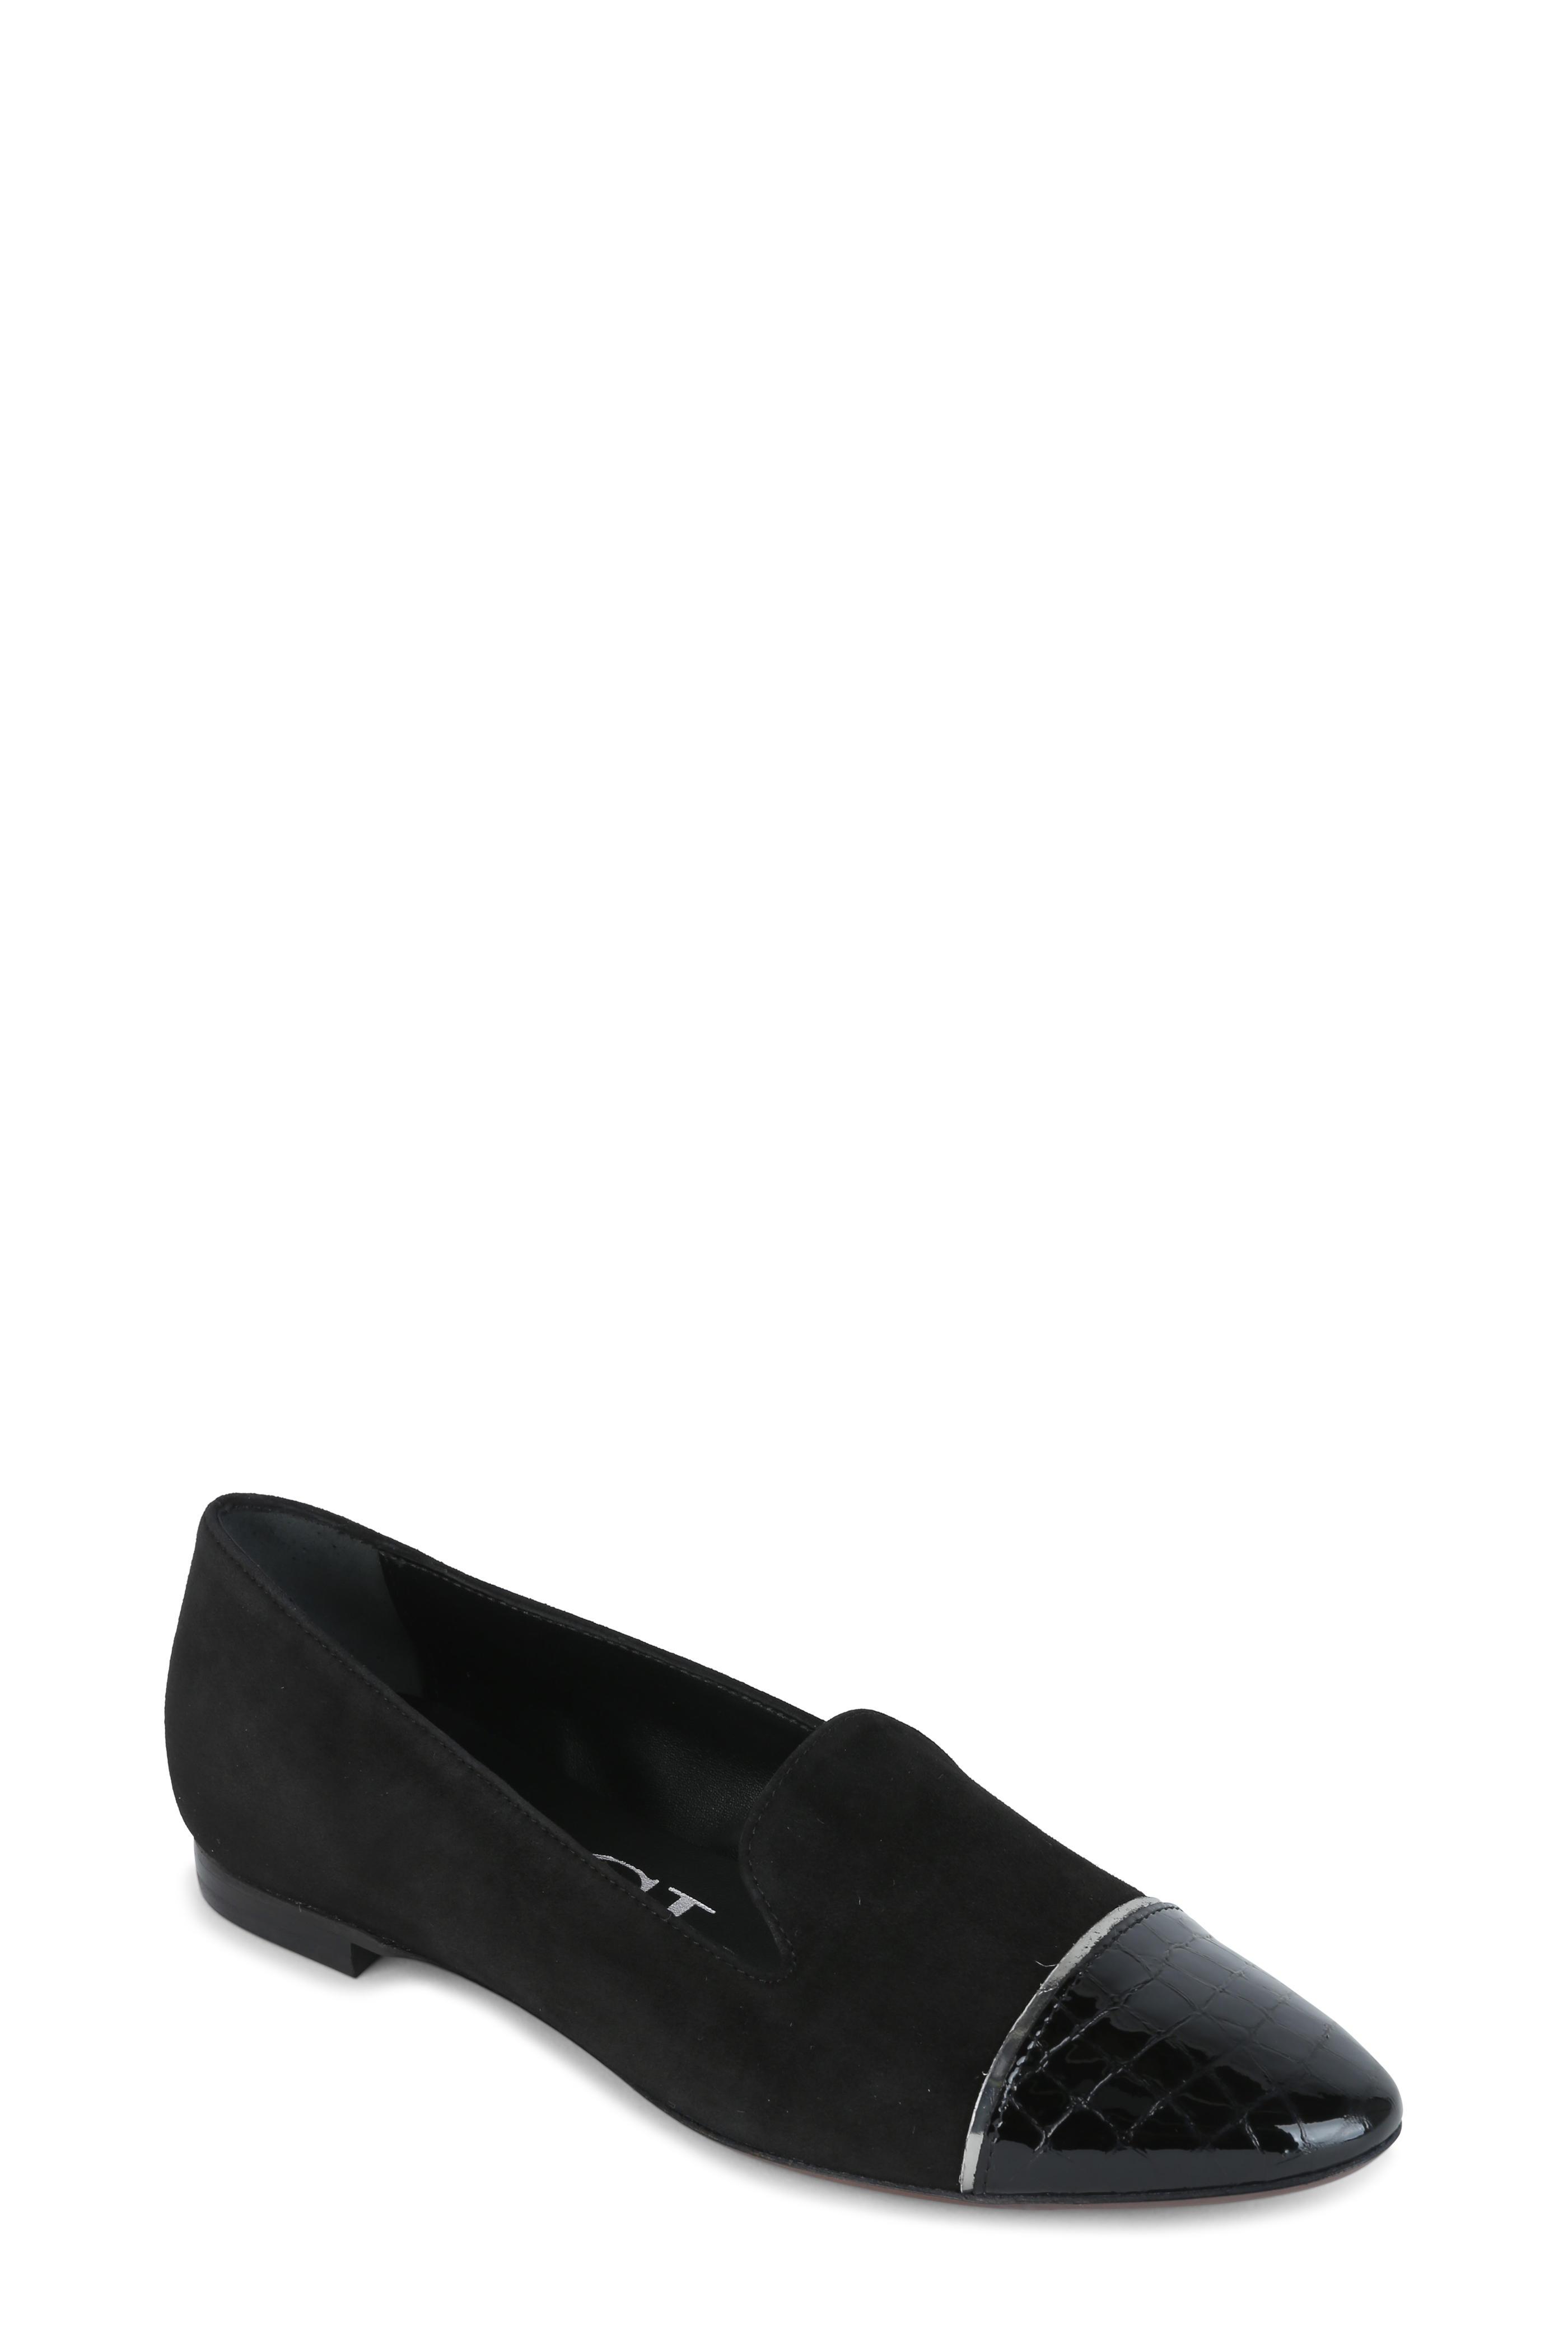 d2ad4ea01210a AGL - Black Suede Cap-Toe Ballet Flat | Mitchell Stores